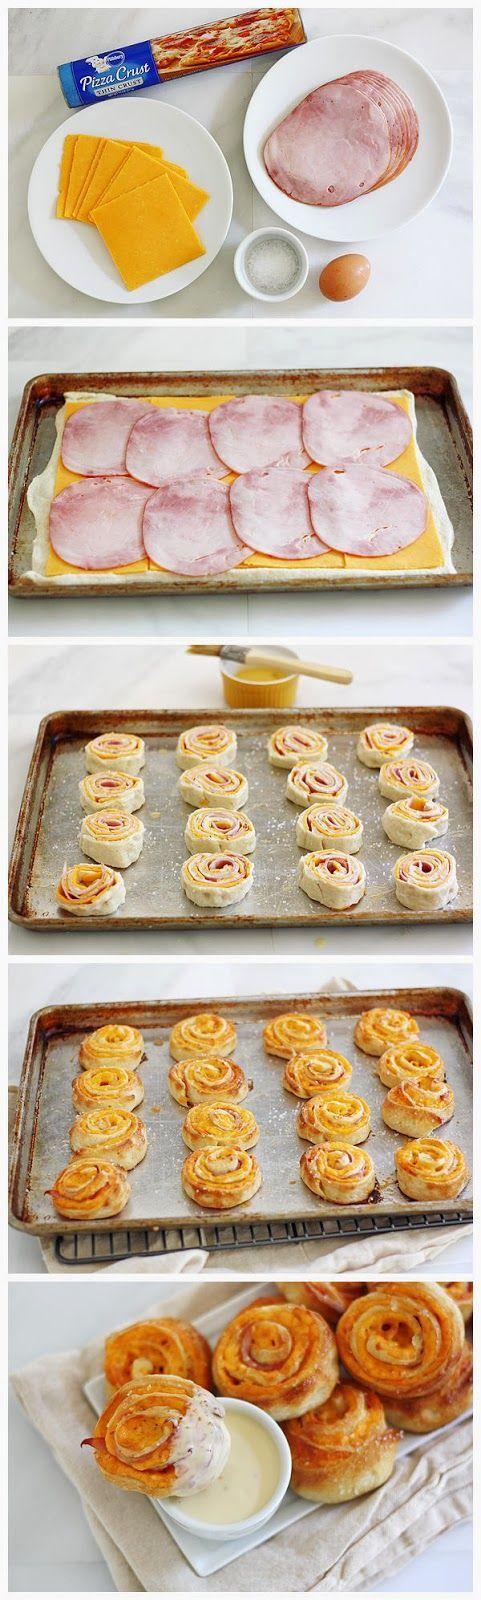 #cuisine #diy #jambon #facile #bun                                                                                                                                                                                 Plus